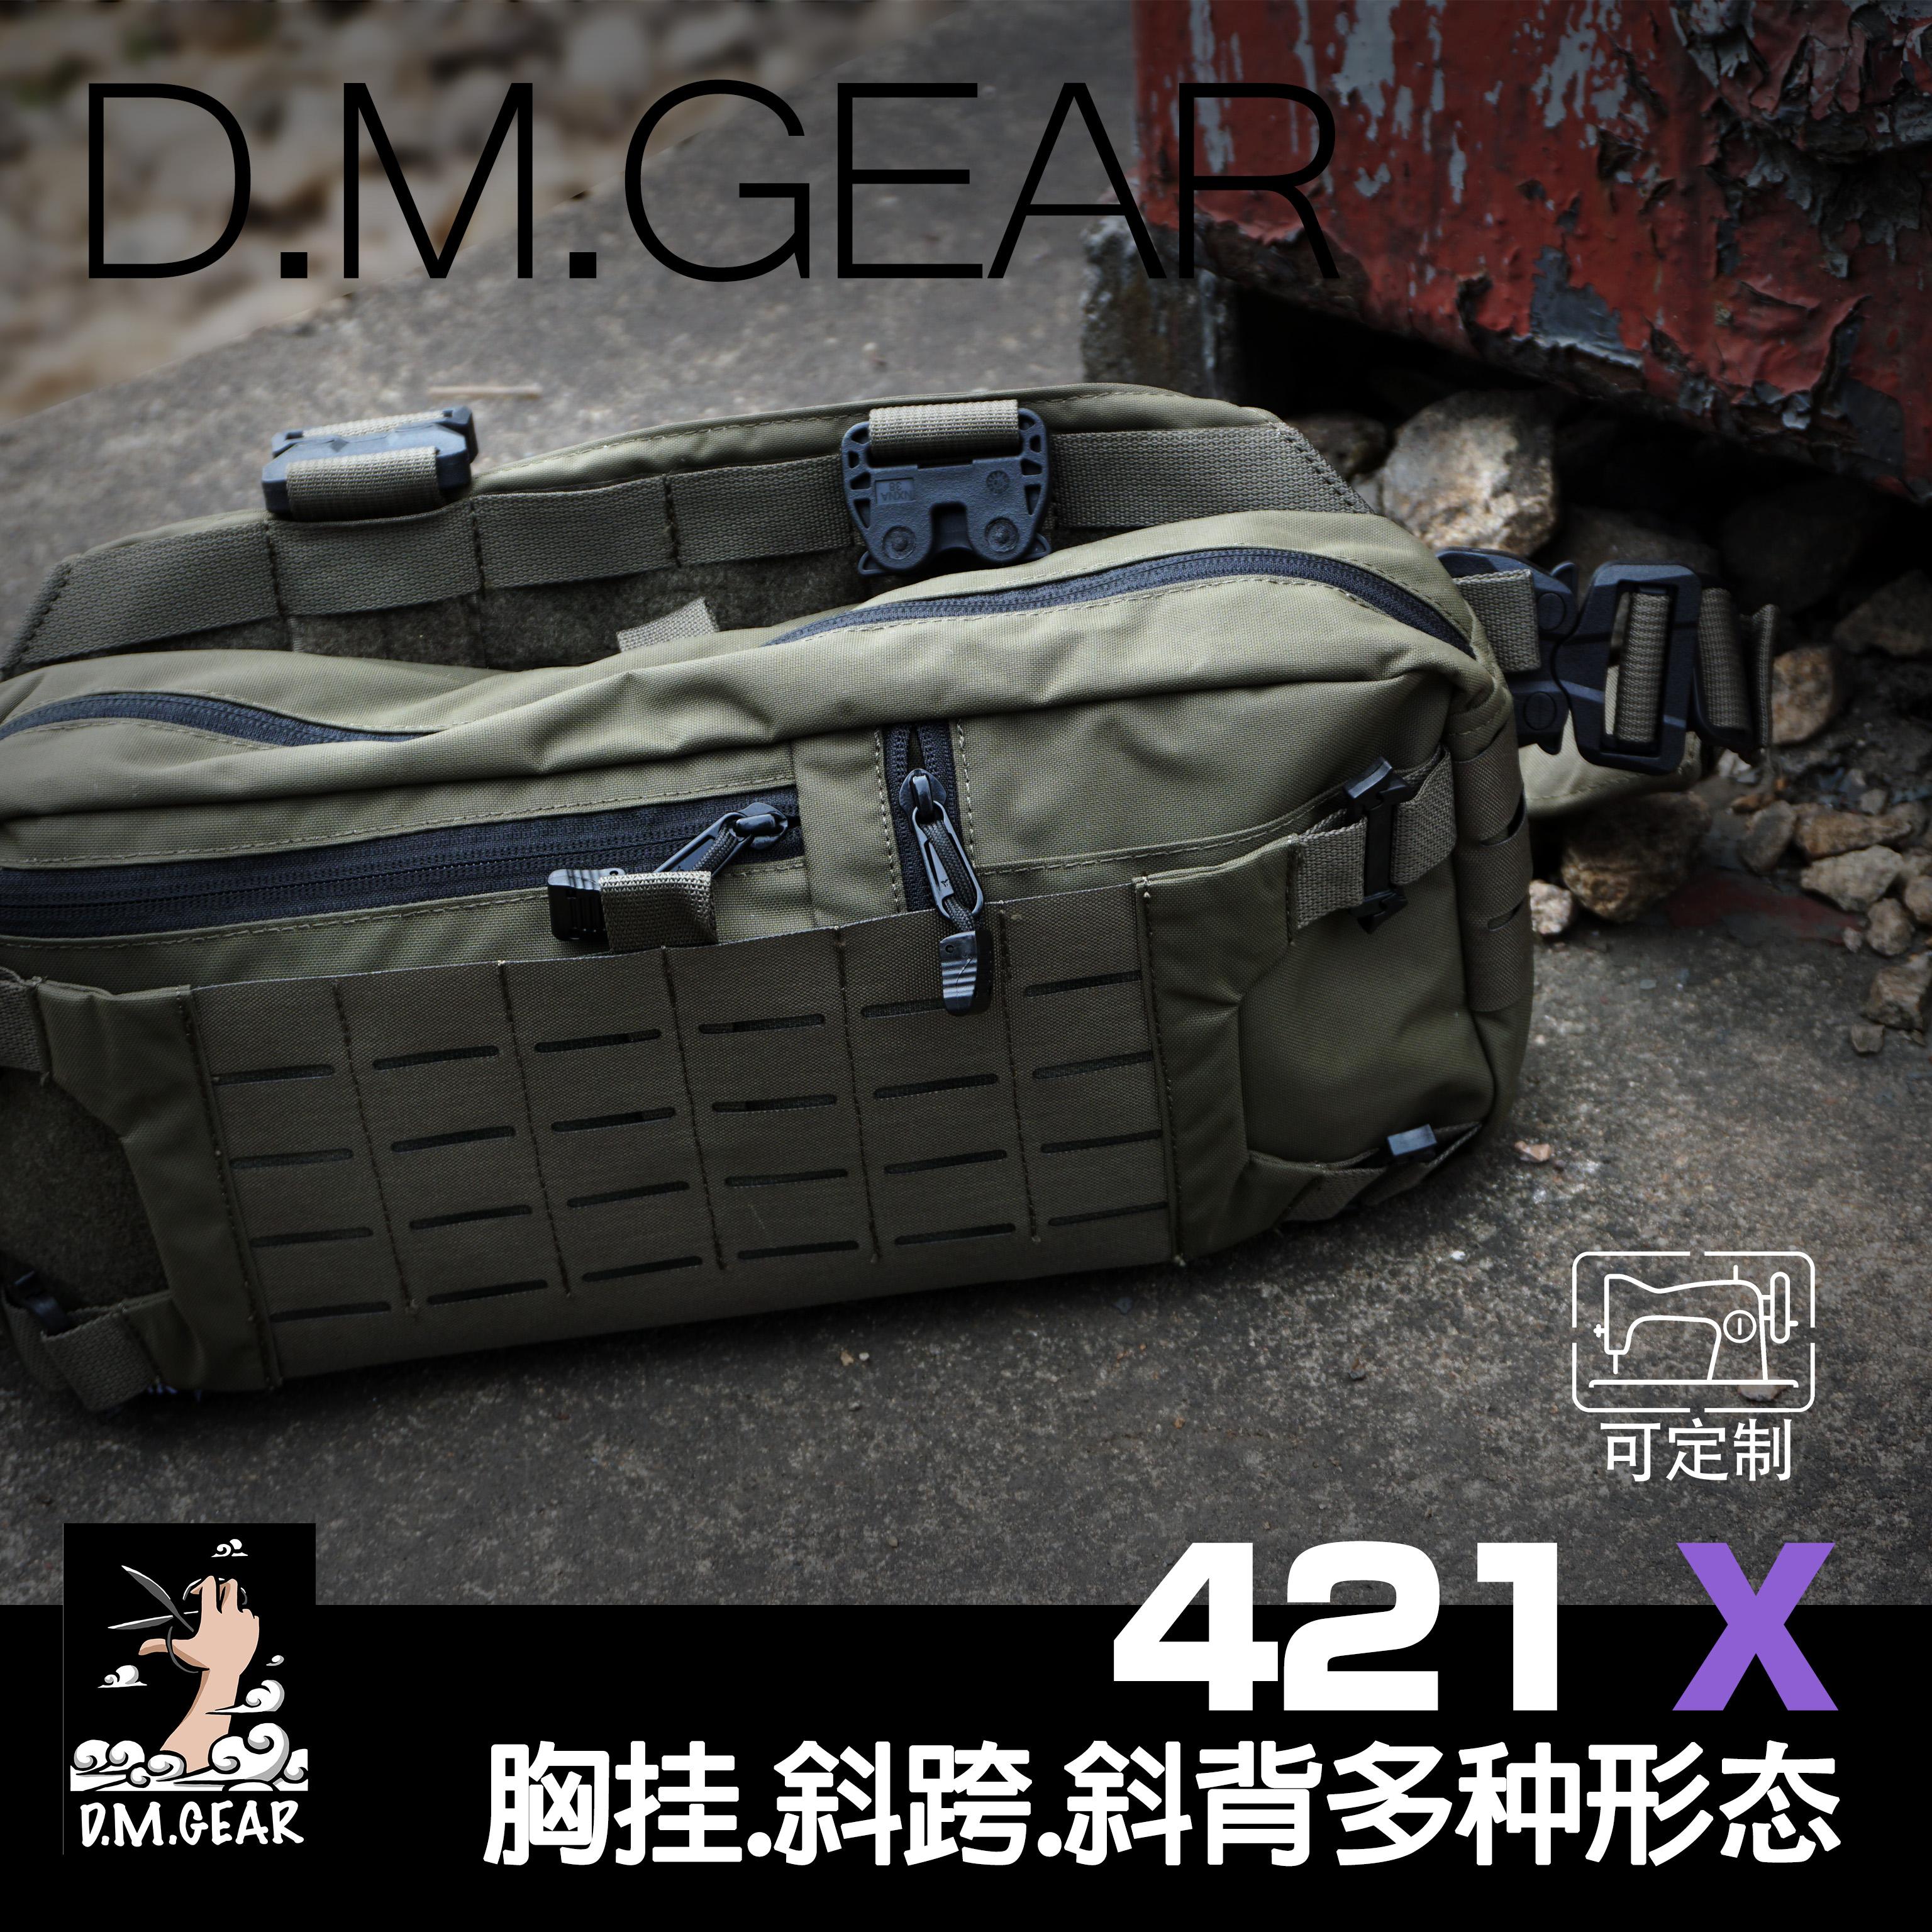 DMGear Original 421X Multi-Functional Nylon Fabric Tactical chest hanging trend bag peut être épaule à épaule